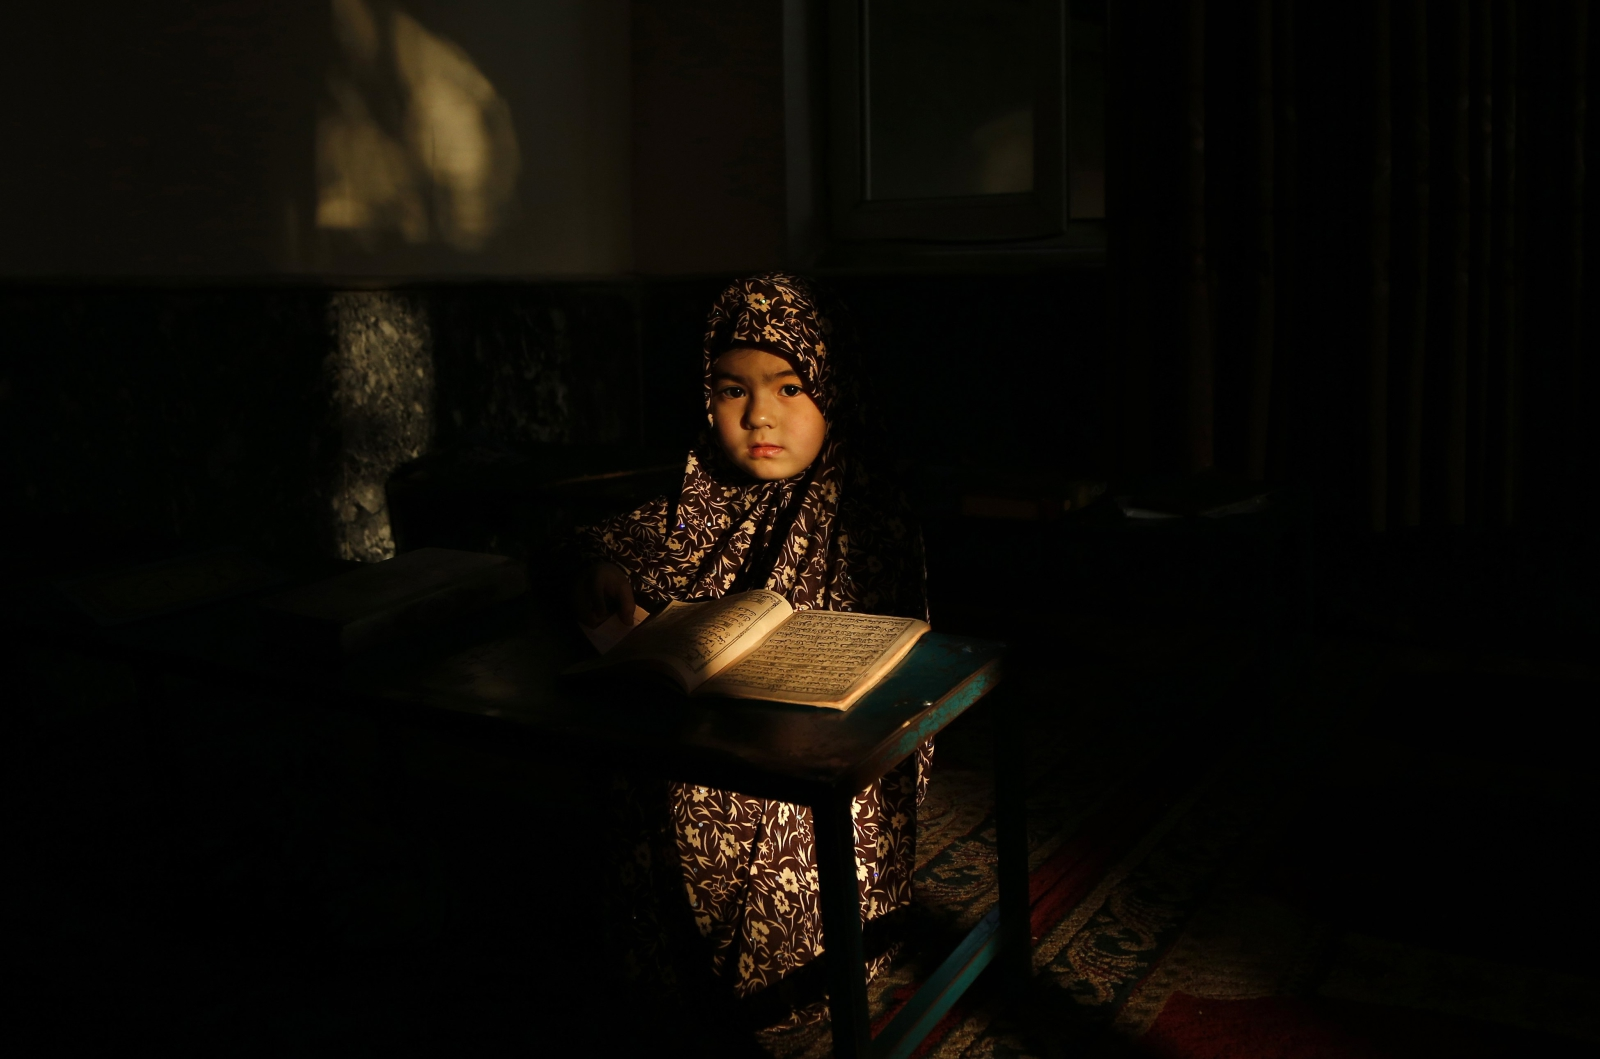 Afgańska dziewczynka czyta Koran w trakcie świętego miesiąca Ramadanu, Kabul, Afganistan.